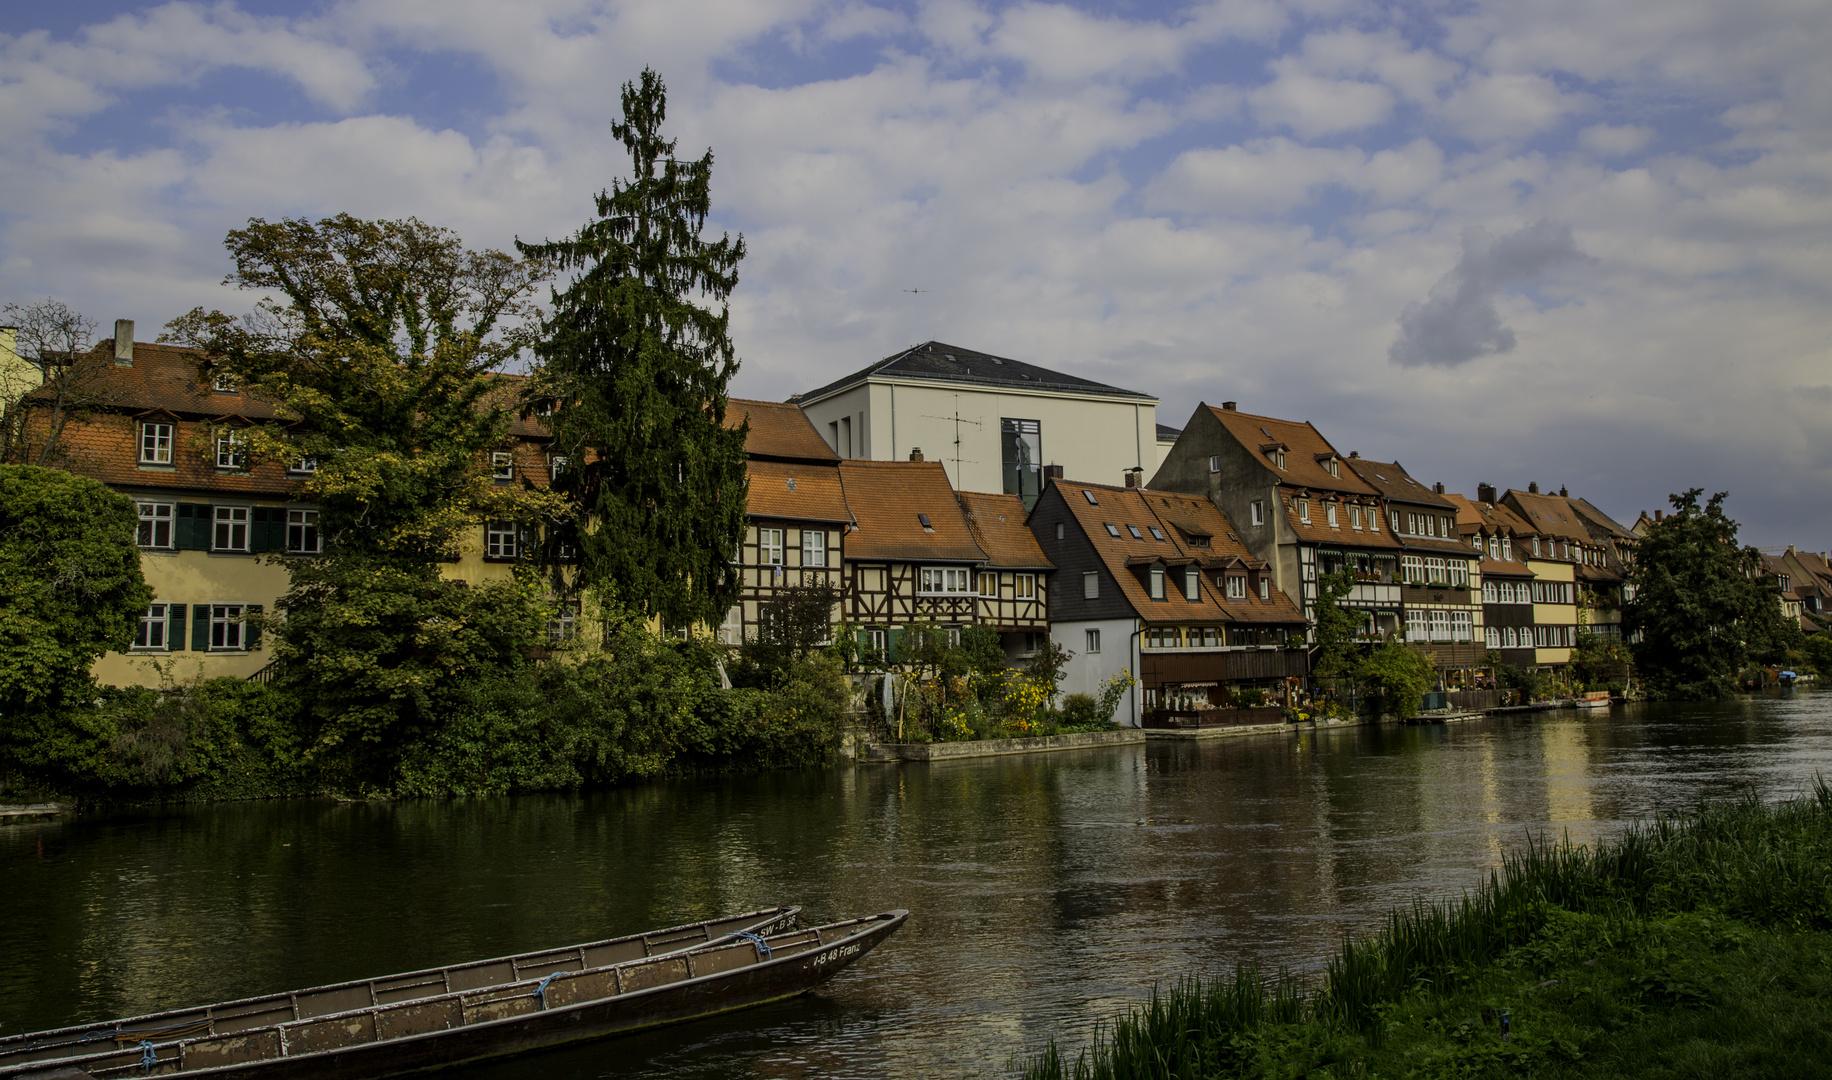 Little Venice in Germany